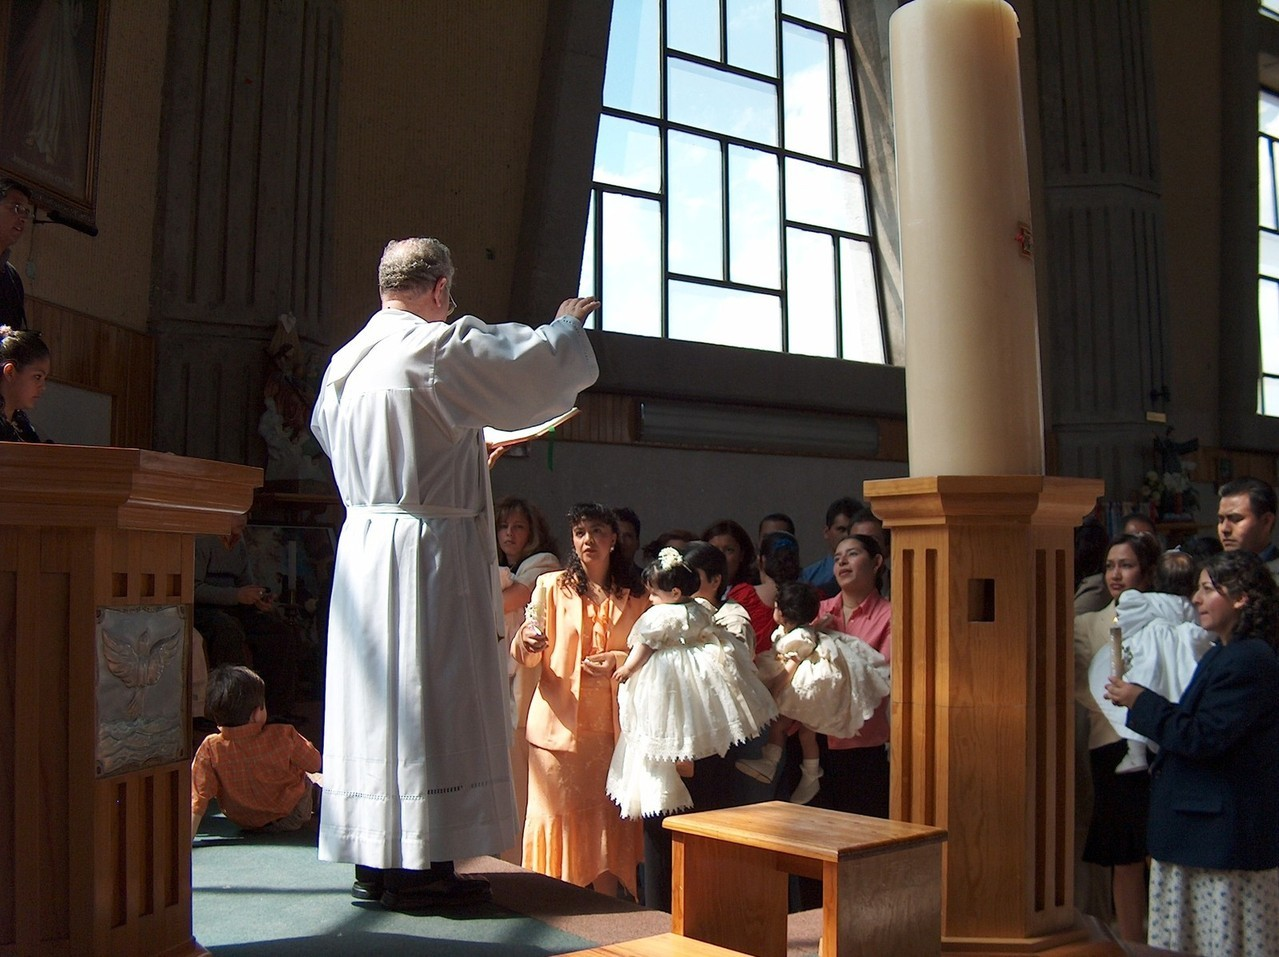 Szaty liturgiczne różnych religii